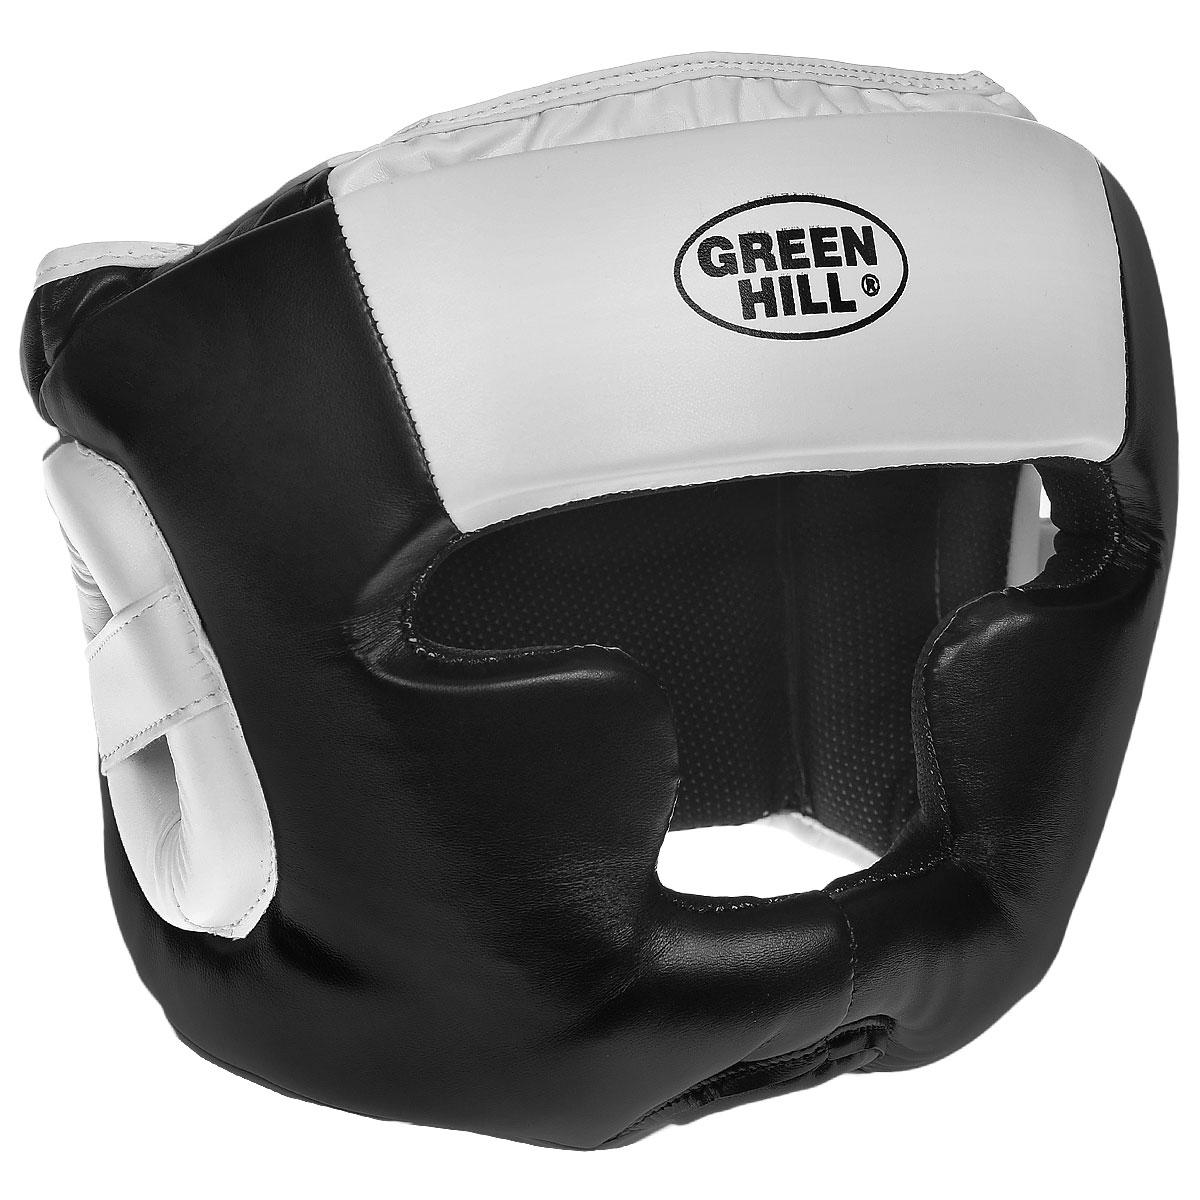 Шлем тренировочный Green Hill Poise, цвет: черный, белый. Размер XL (61-63 см)